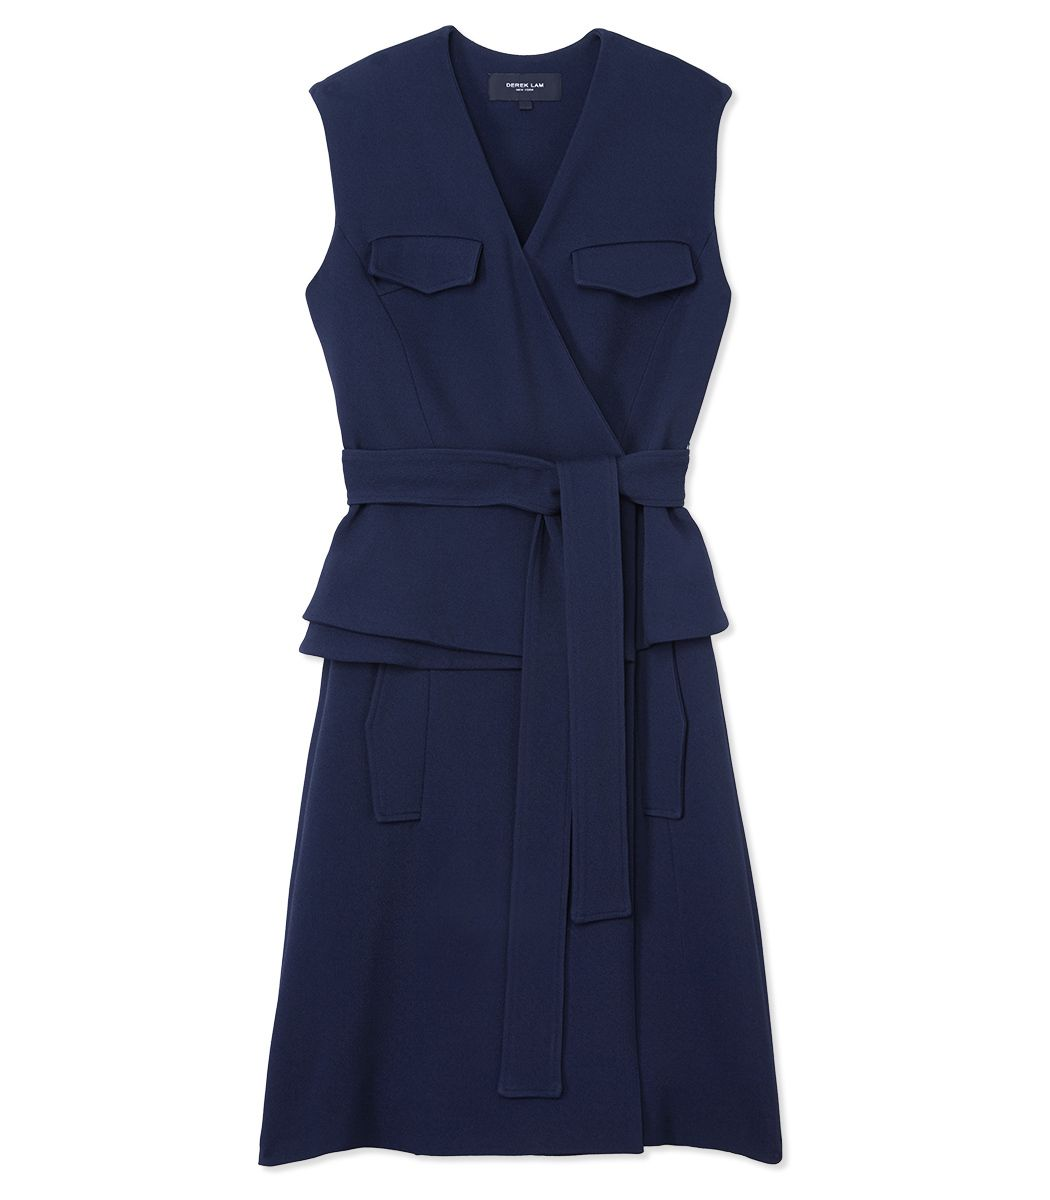 Derek Lam Sleeveless Trench Dress